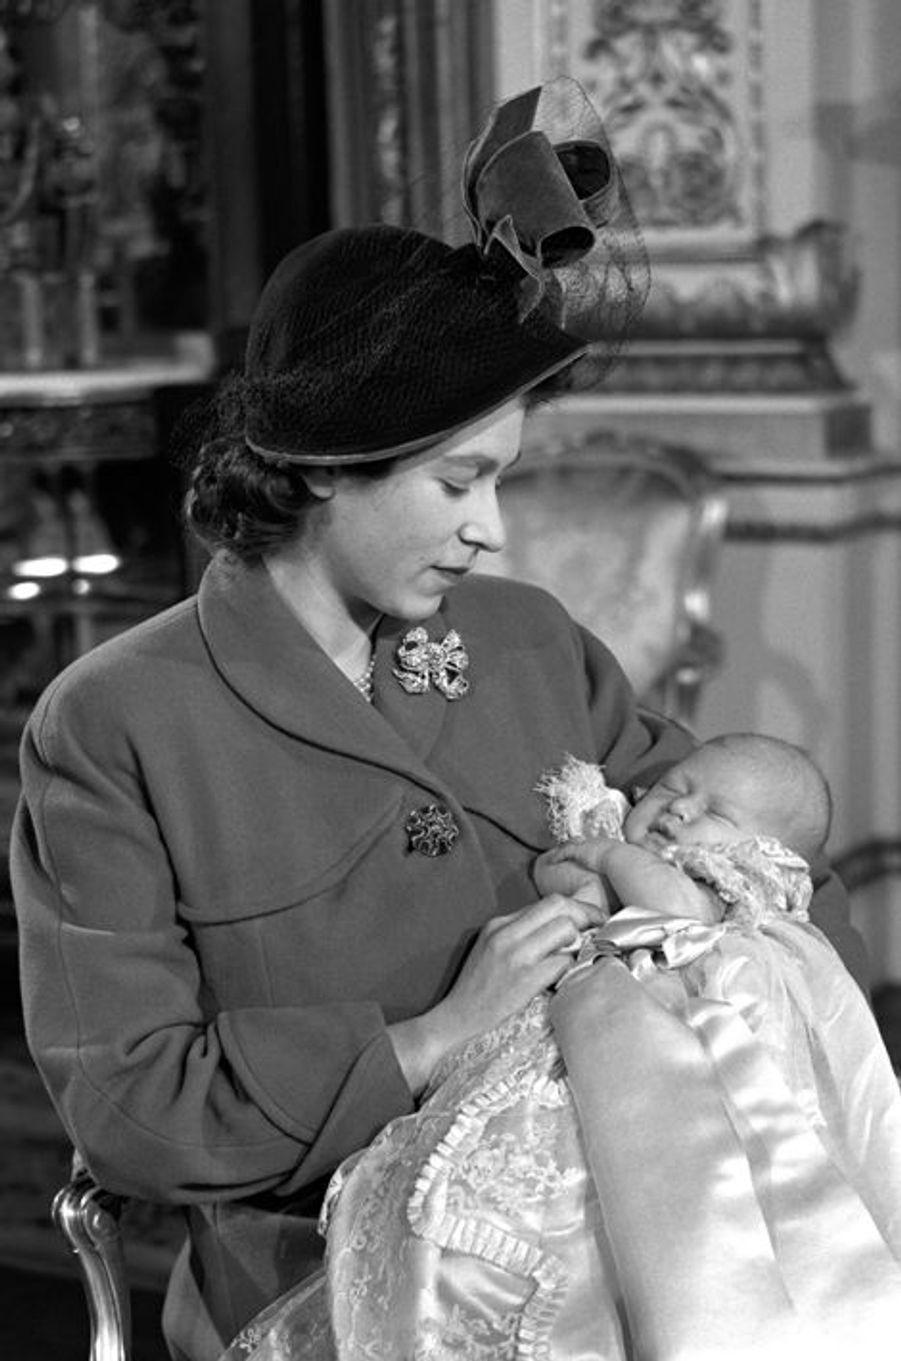 La princesse Elizabeth avec son fils le prince Charles, le 15 décembre 1948